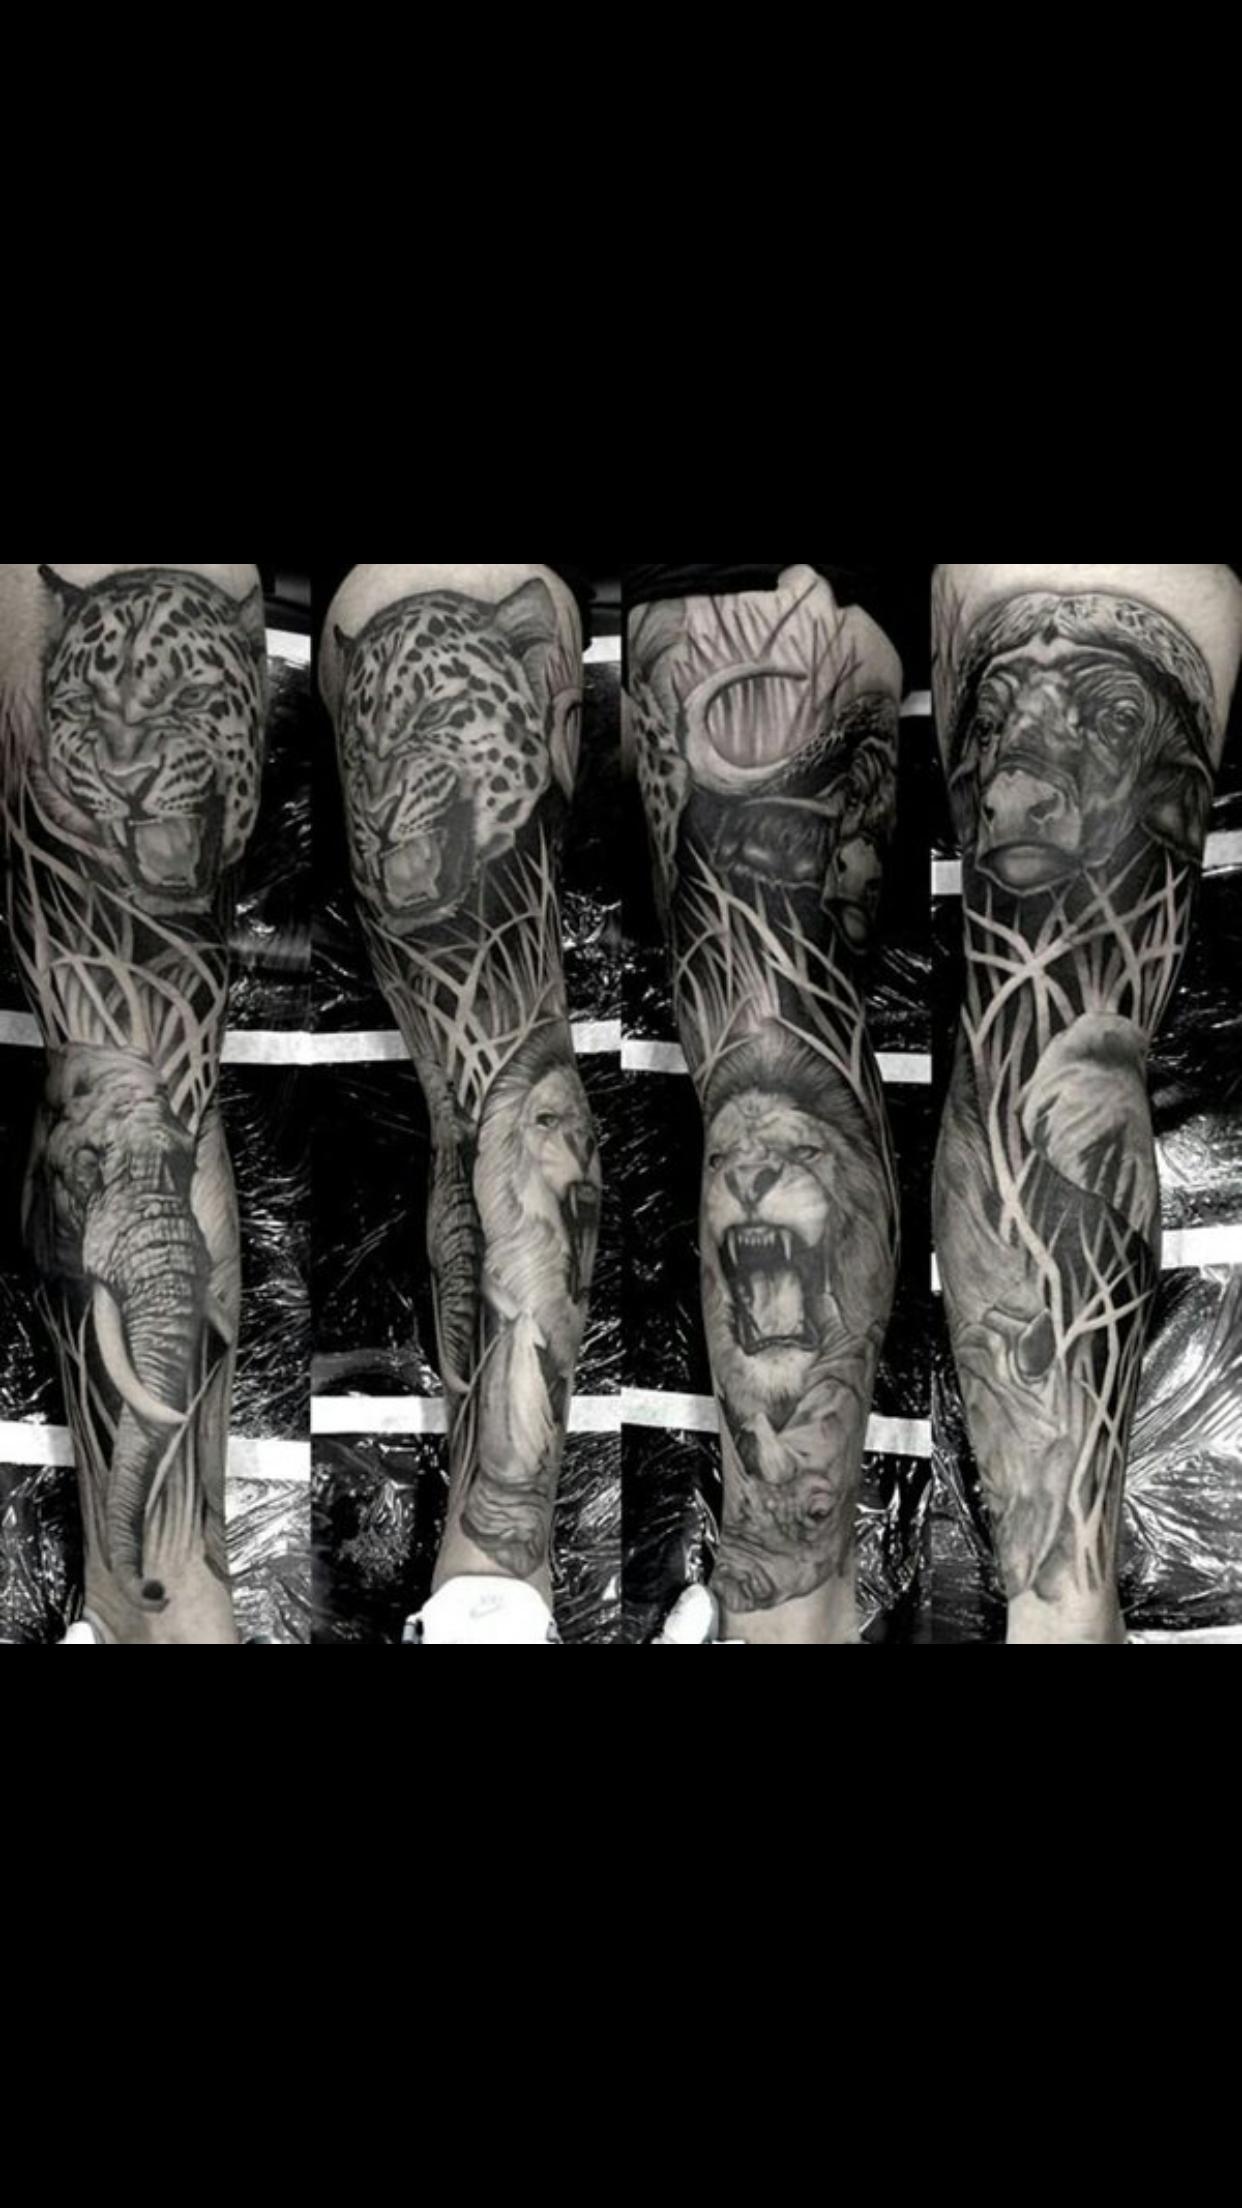 Pin By Tattoo Sensations On Tattoo Ideas Animal Sleeve Tattoo Tattoo Sleeve Designs Jungle Tattoo